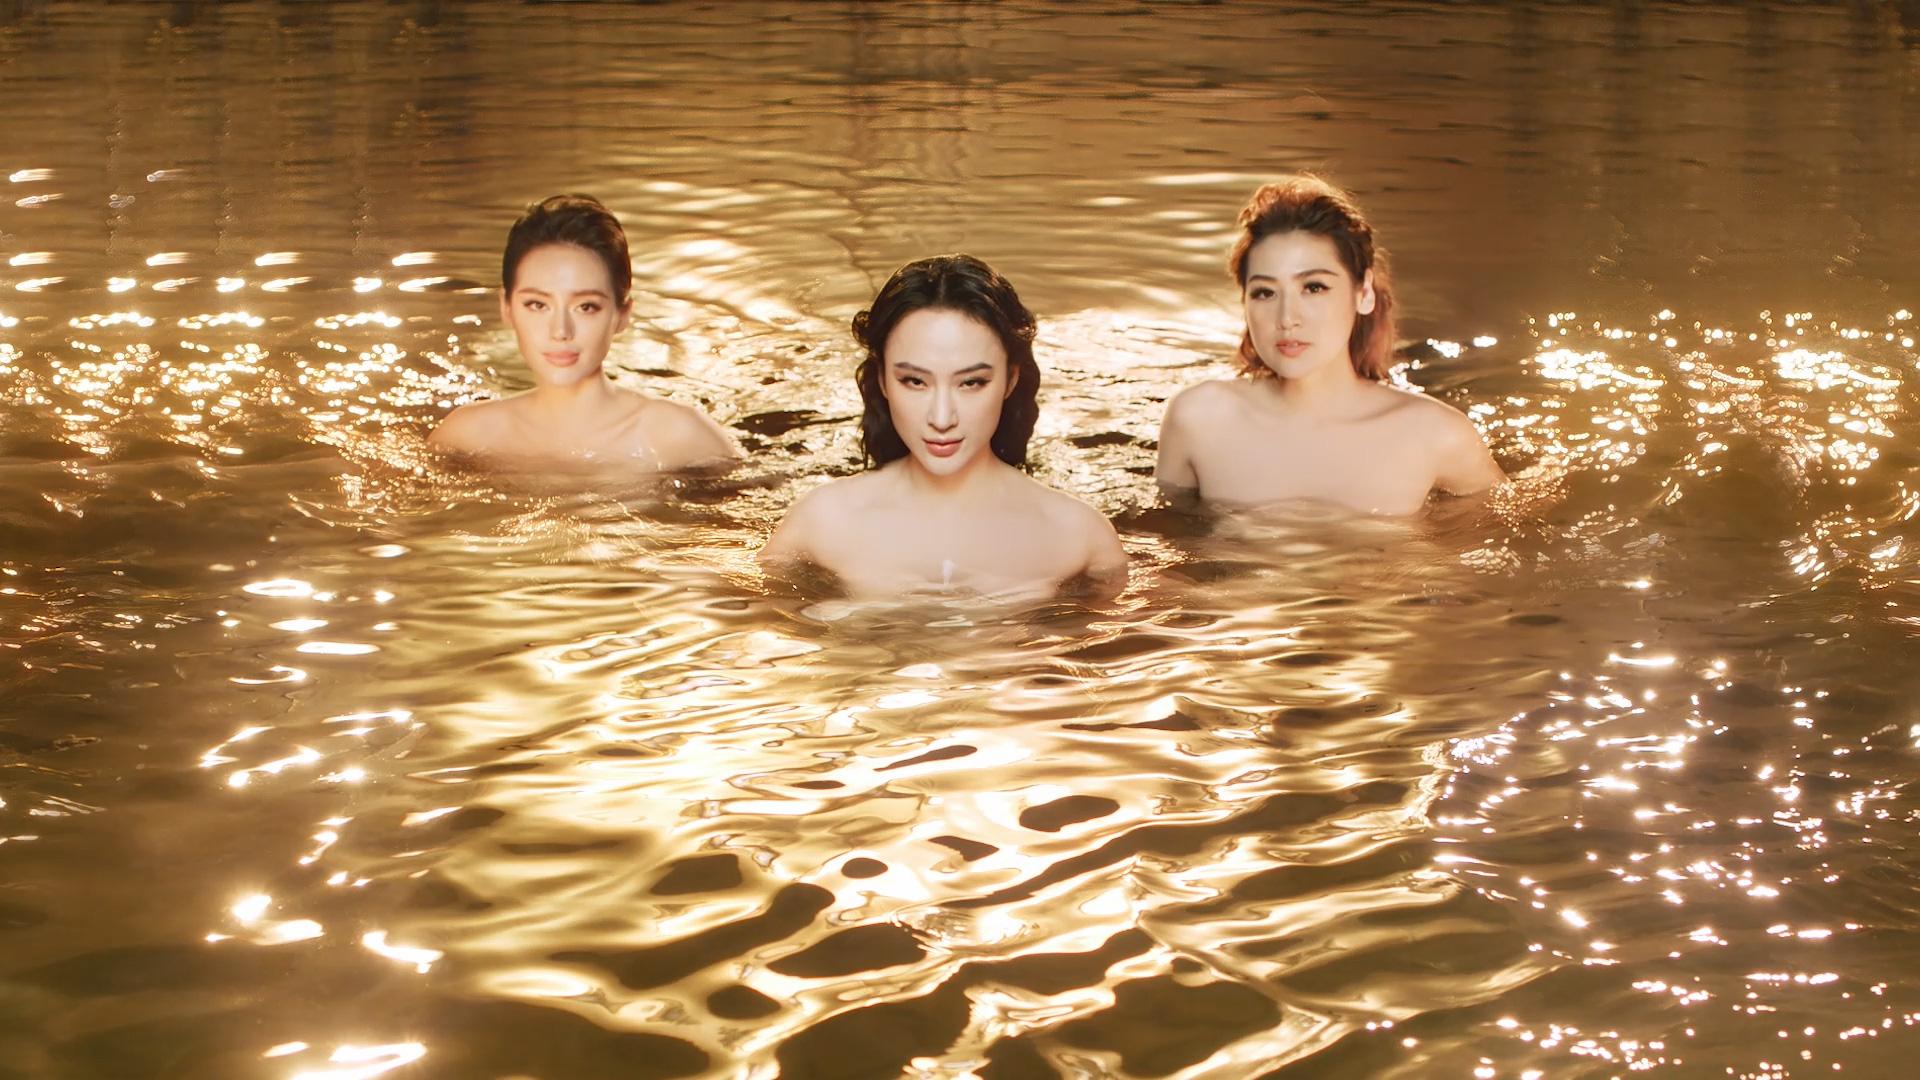 """Angela Phương Trinh chính thức trở lại, cạnh tranh """"nhan sắc nữ thần cùng Tú Anh và Khánh Linh - Ảnh 3."""